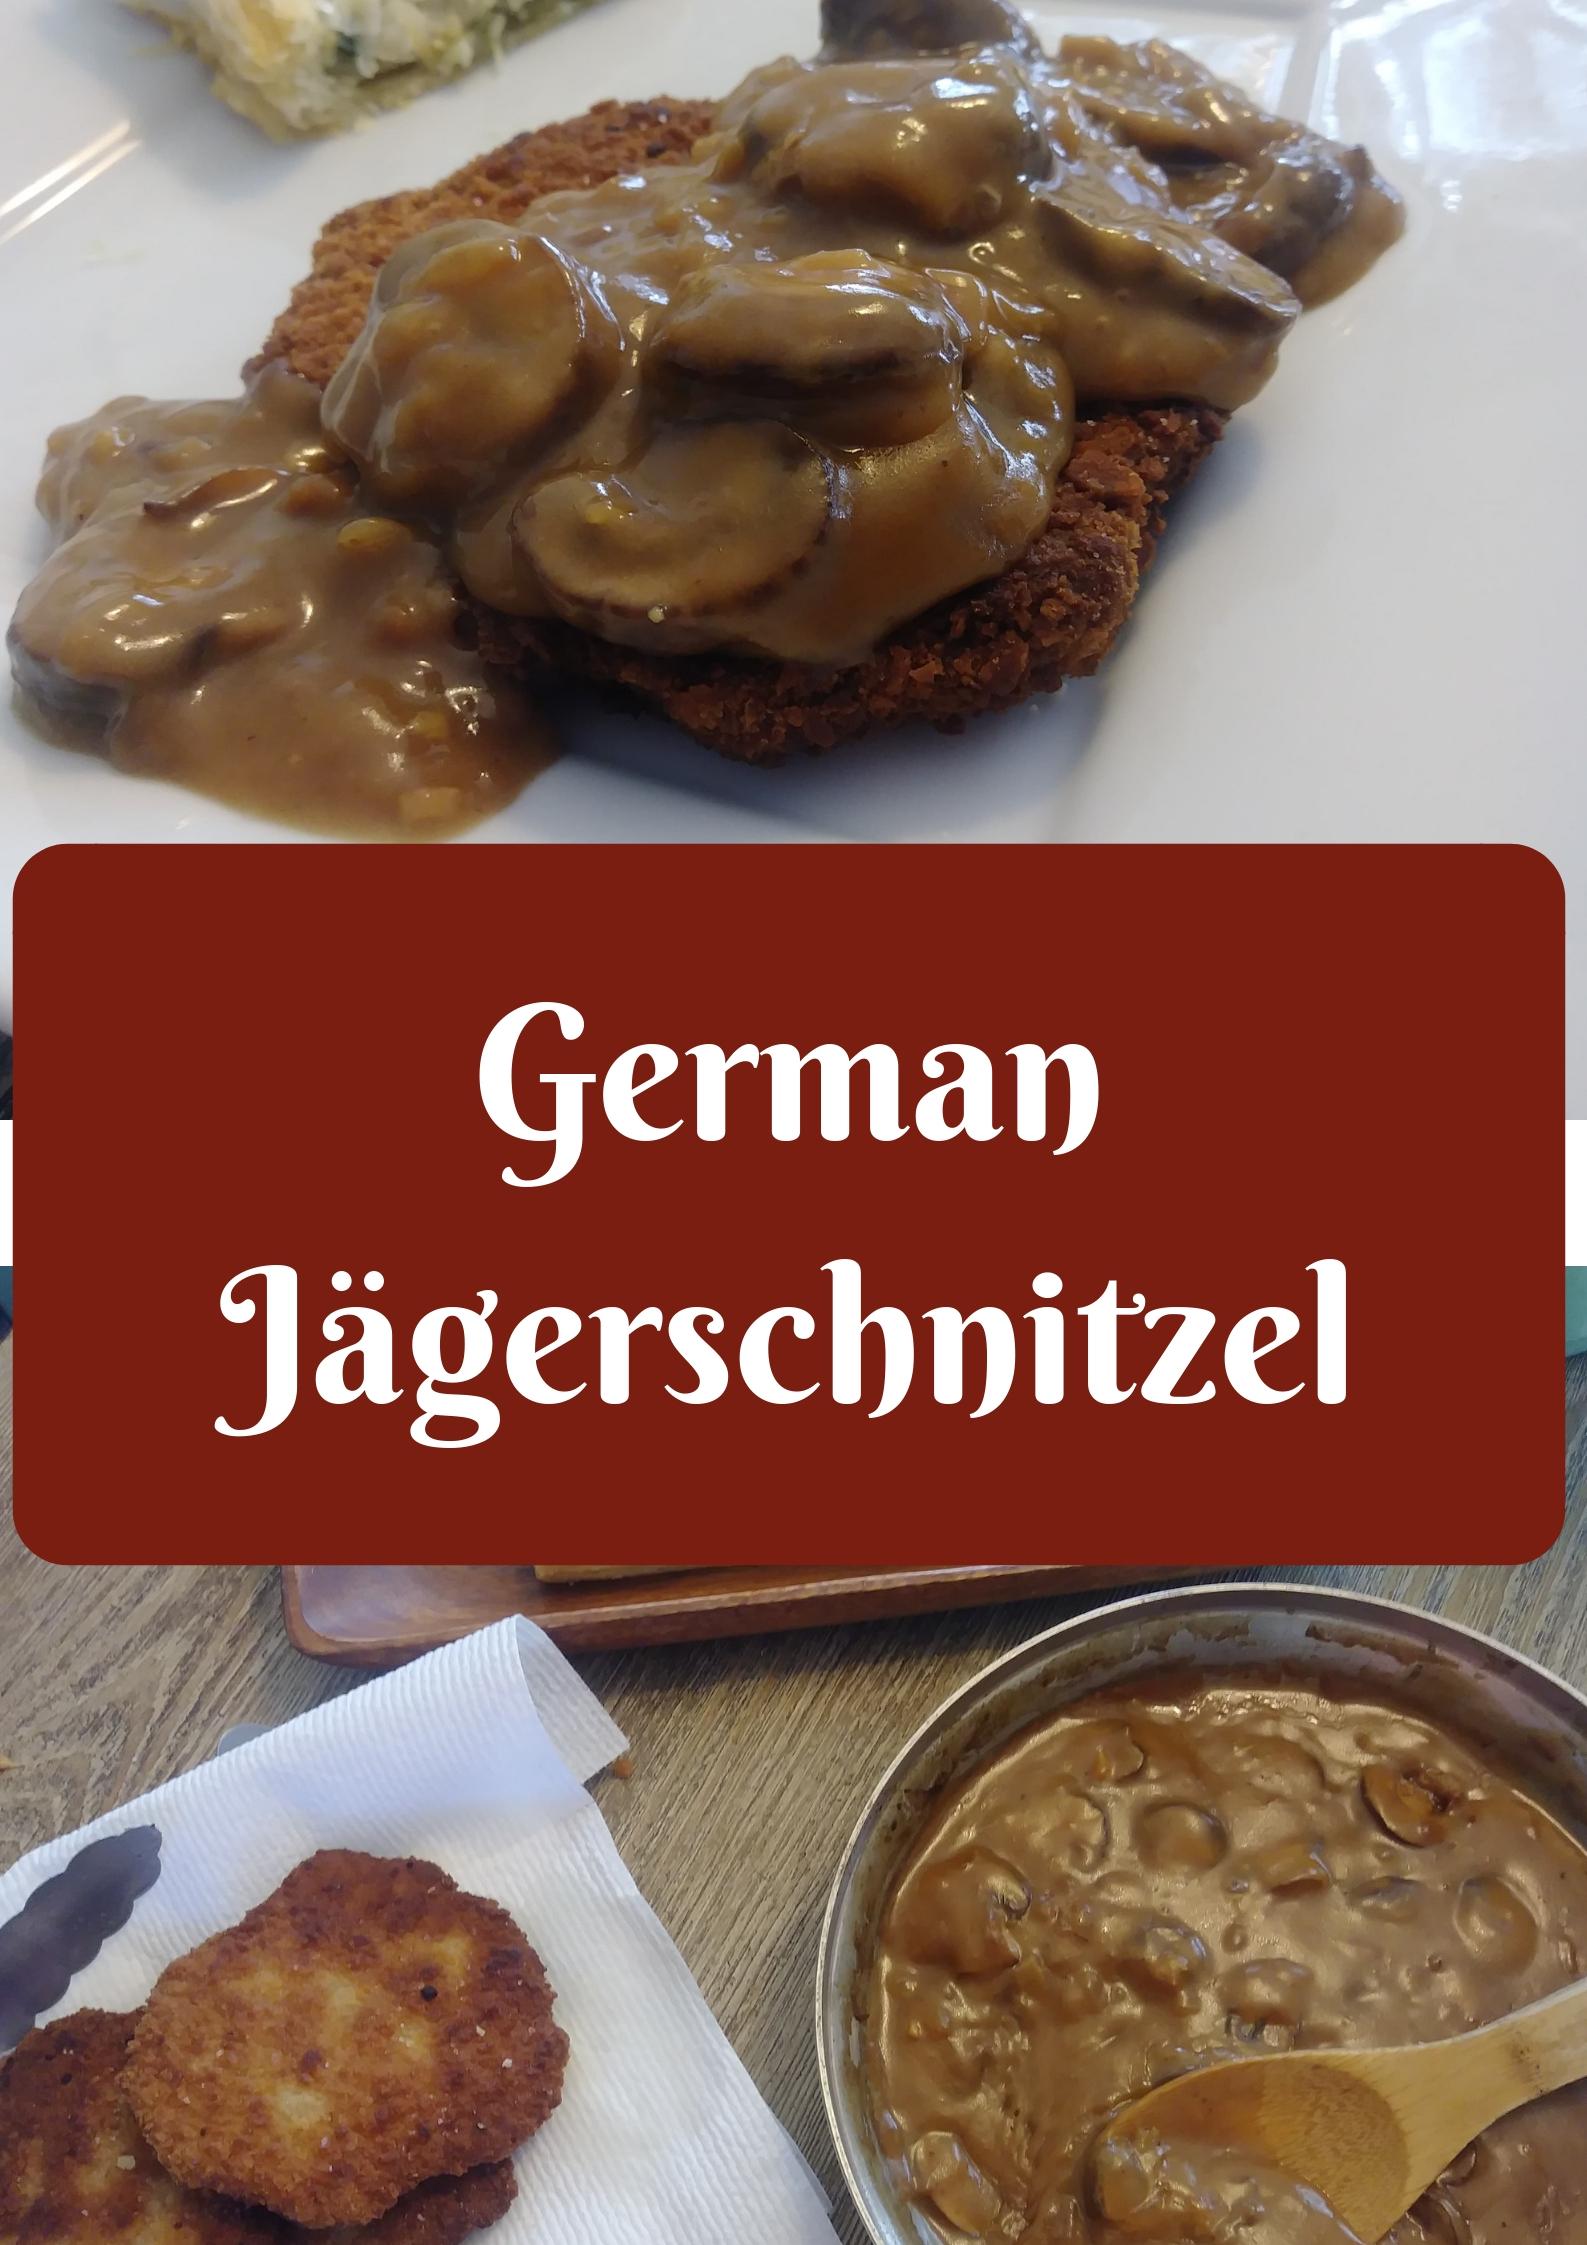 GermanJagerschnitzel (1)